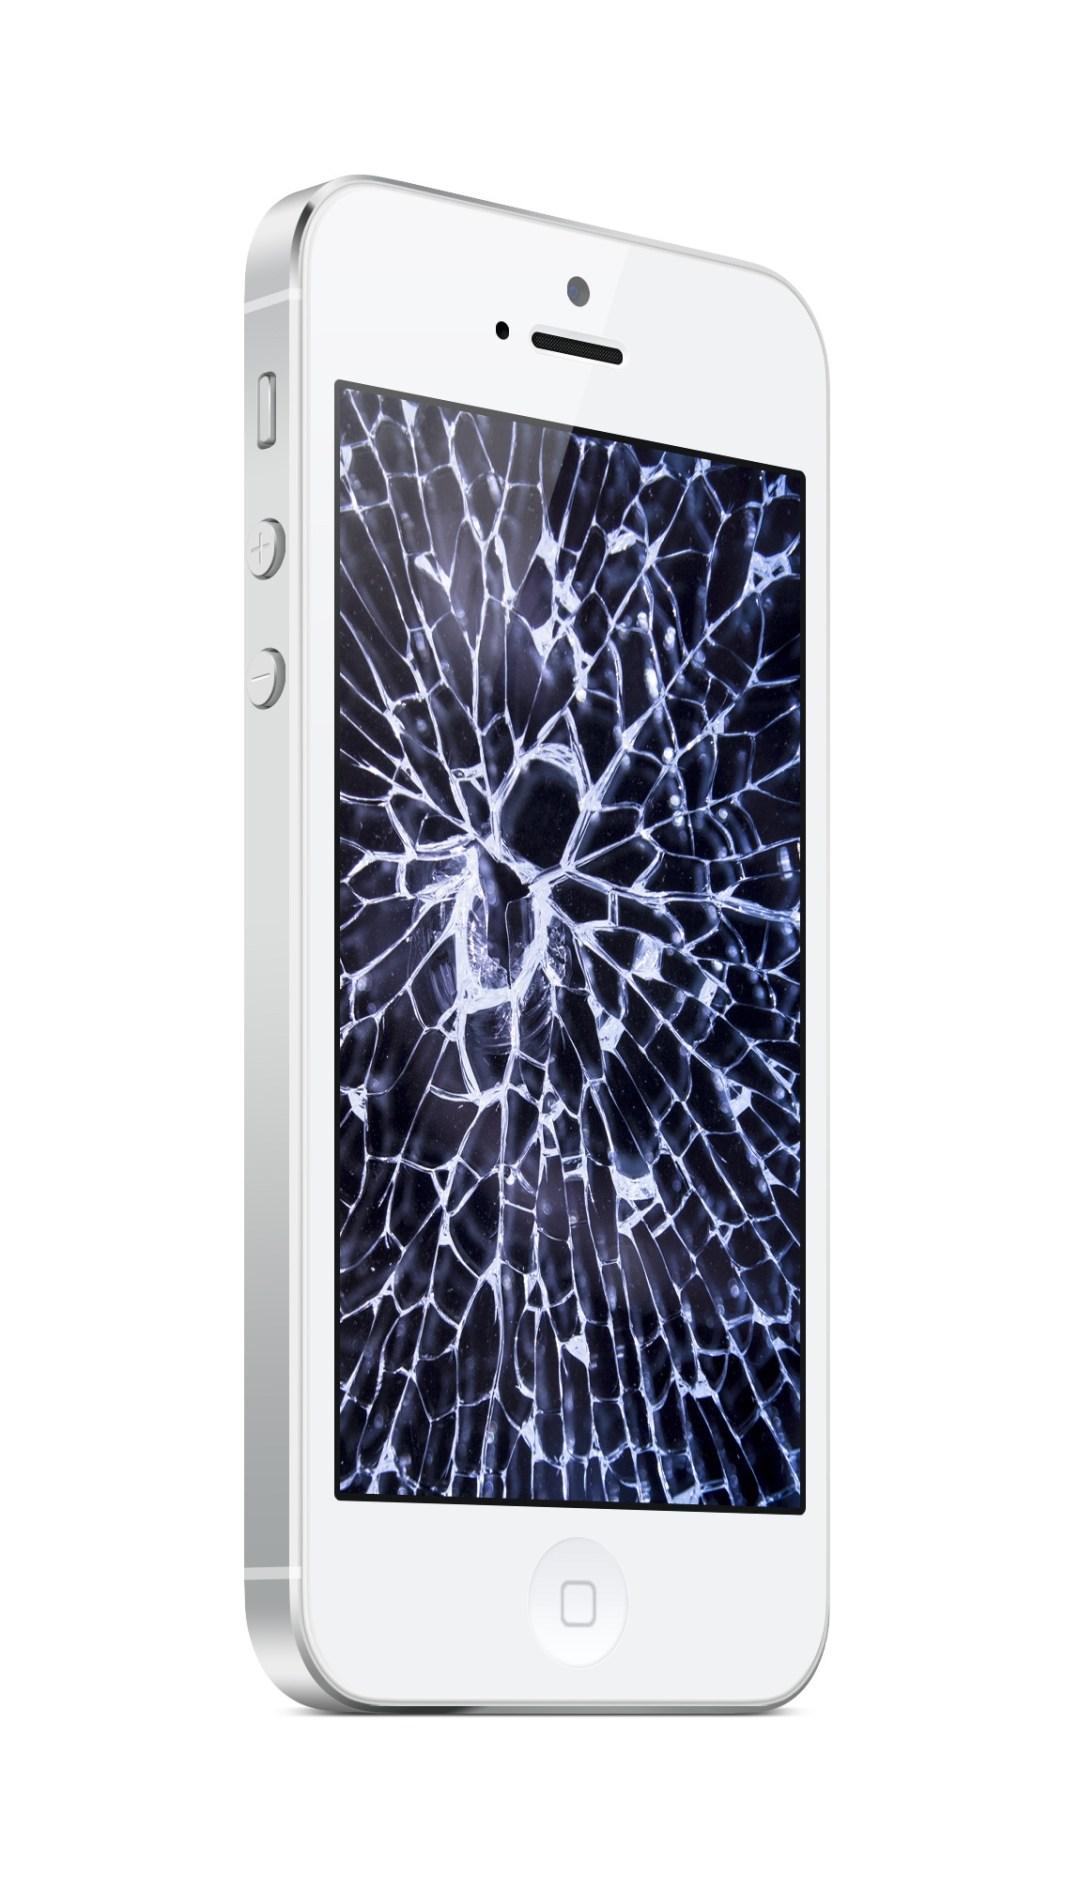 how to unlock iphone if screen is broken